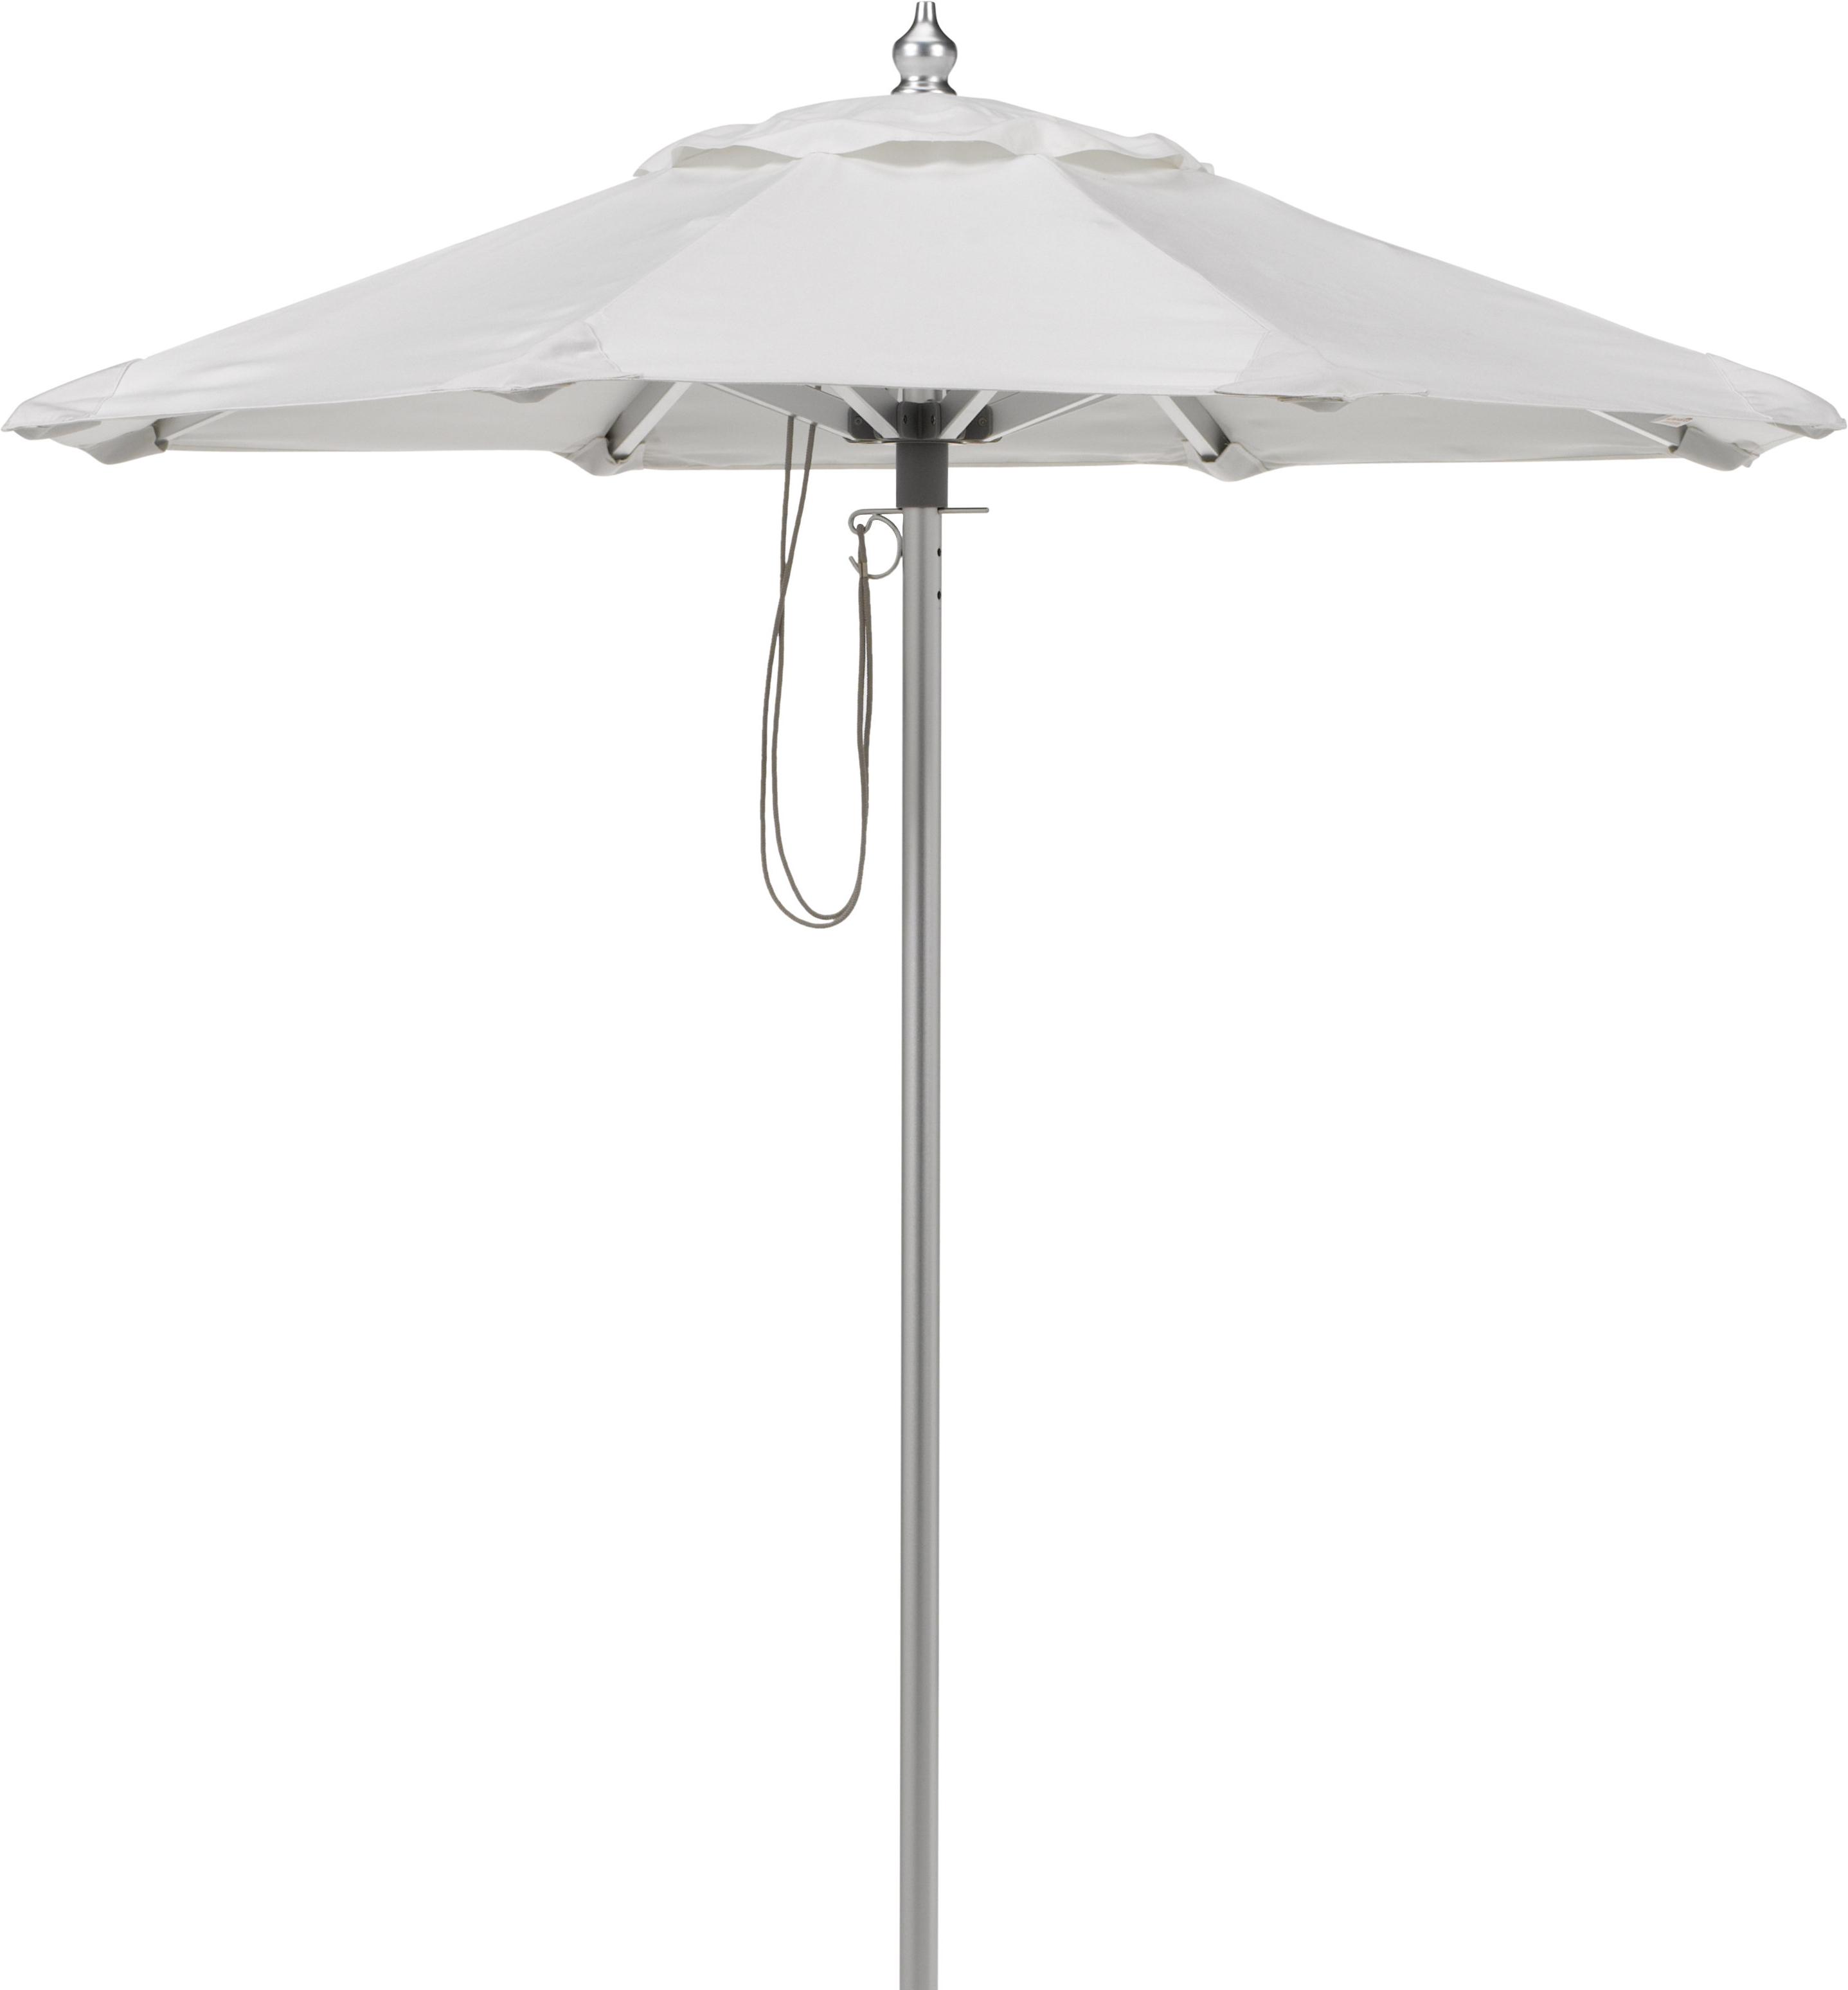 Pau Rectangular Market Umbrellas Regarding Popular Latitude Run Stambaugh 6' Market Umbrella (View 18 of 20)